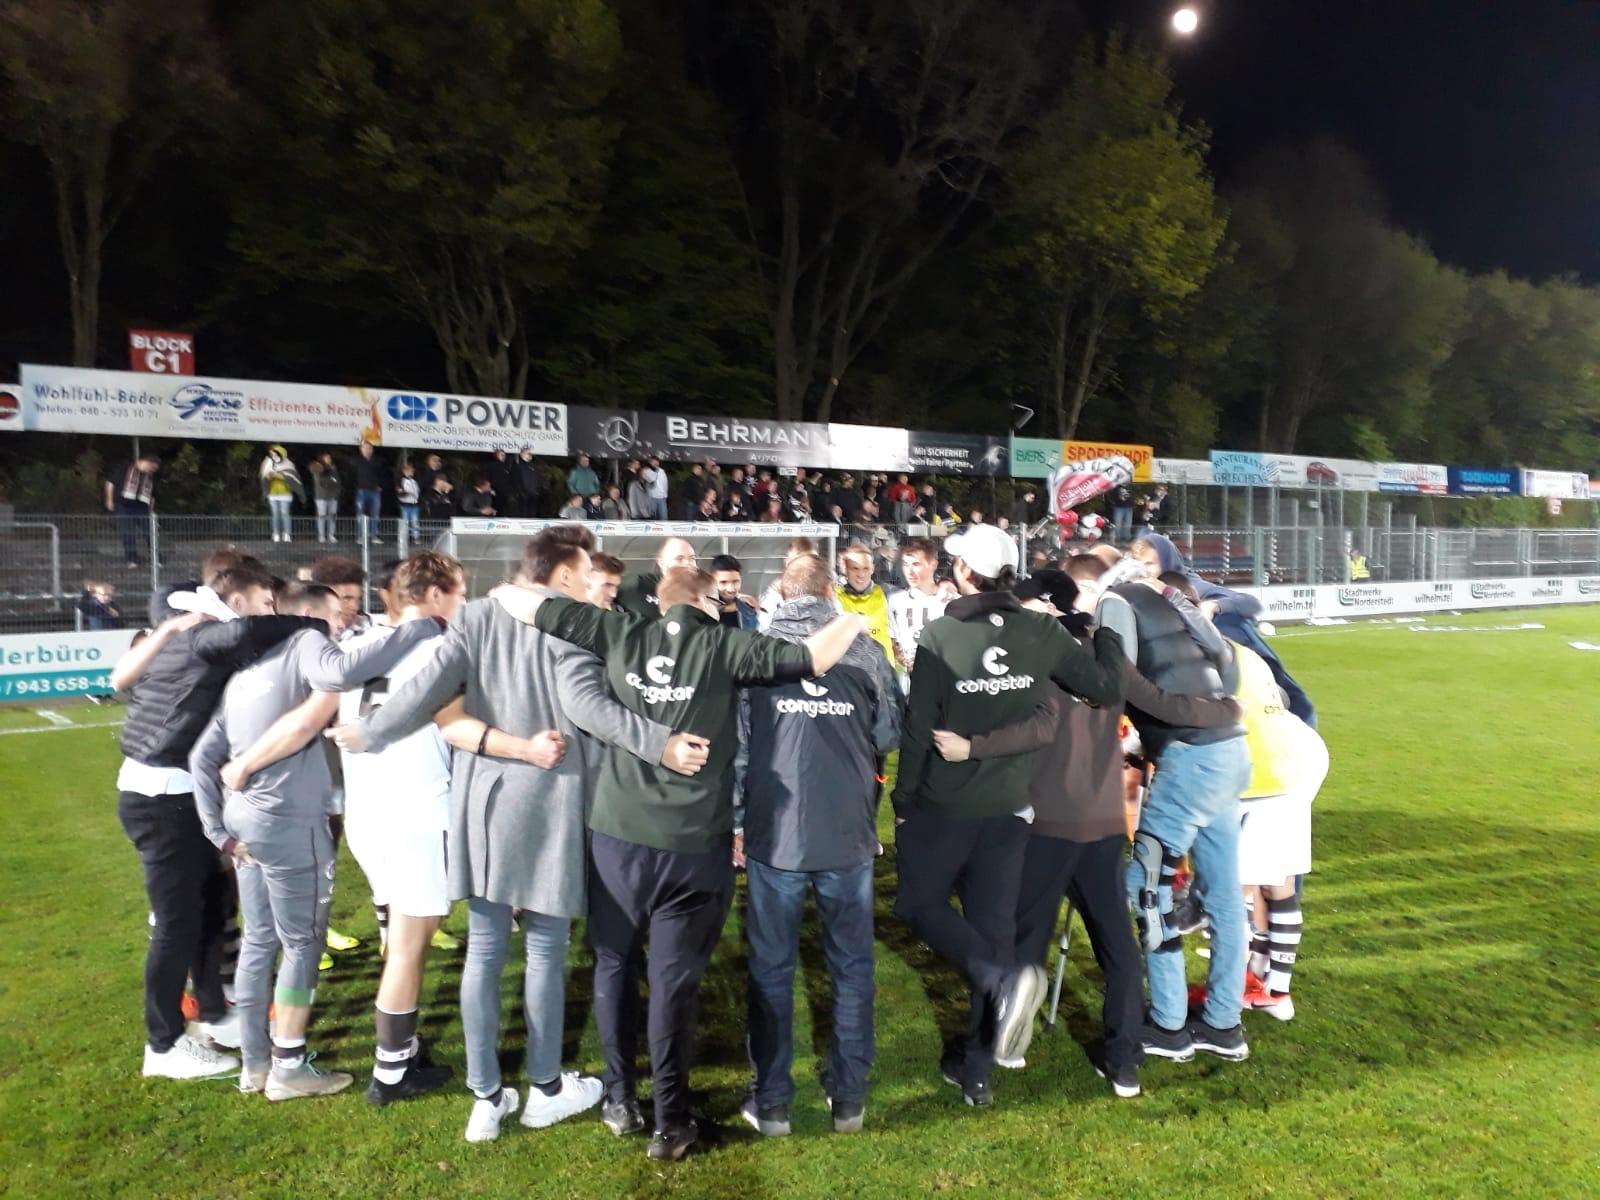 Trotz doppelter Unterzahl: U23 feiert gegen Egestorf dritten Sieg in Serie